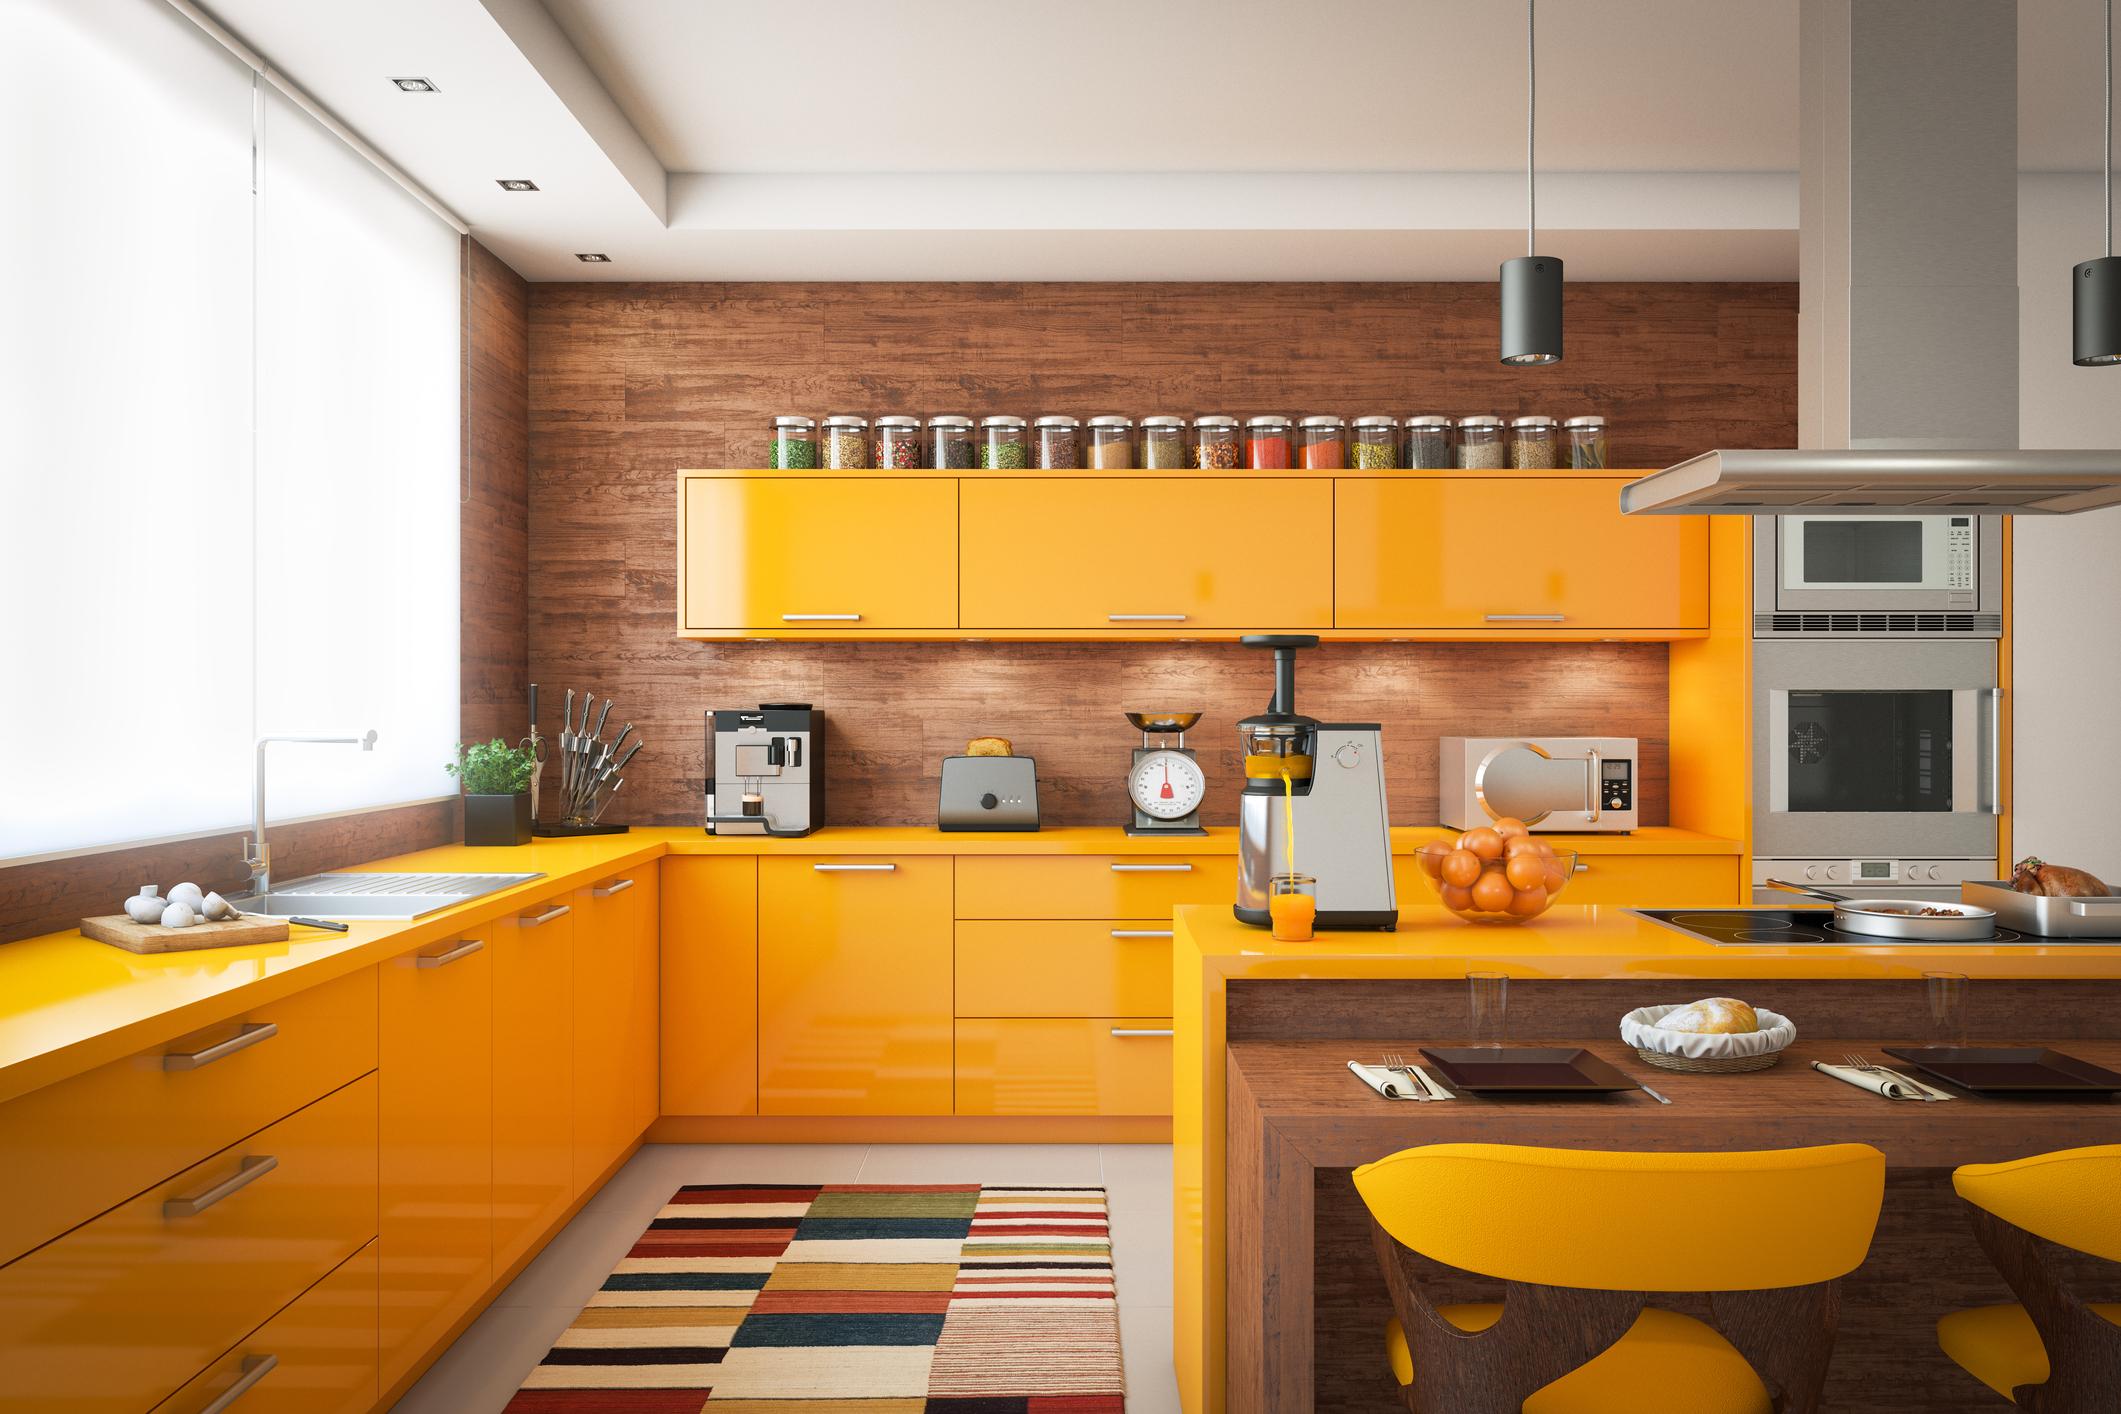 Направете кухнята си уютна<br /> Домашно сготвената храна е винаги най-добрият избор. Ако в кухнята ви цари хаос обаче е доста малко вероятно да искате да готвите. Разчистете плотовете от излишни списания, книги и чинии и направете готвенето едно приятно преживяване (ако не за вас, поне за тези, които ви готвят ;)).<br />